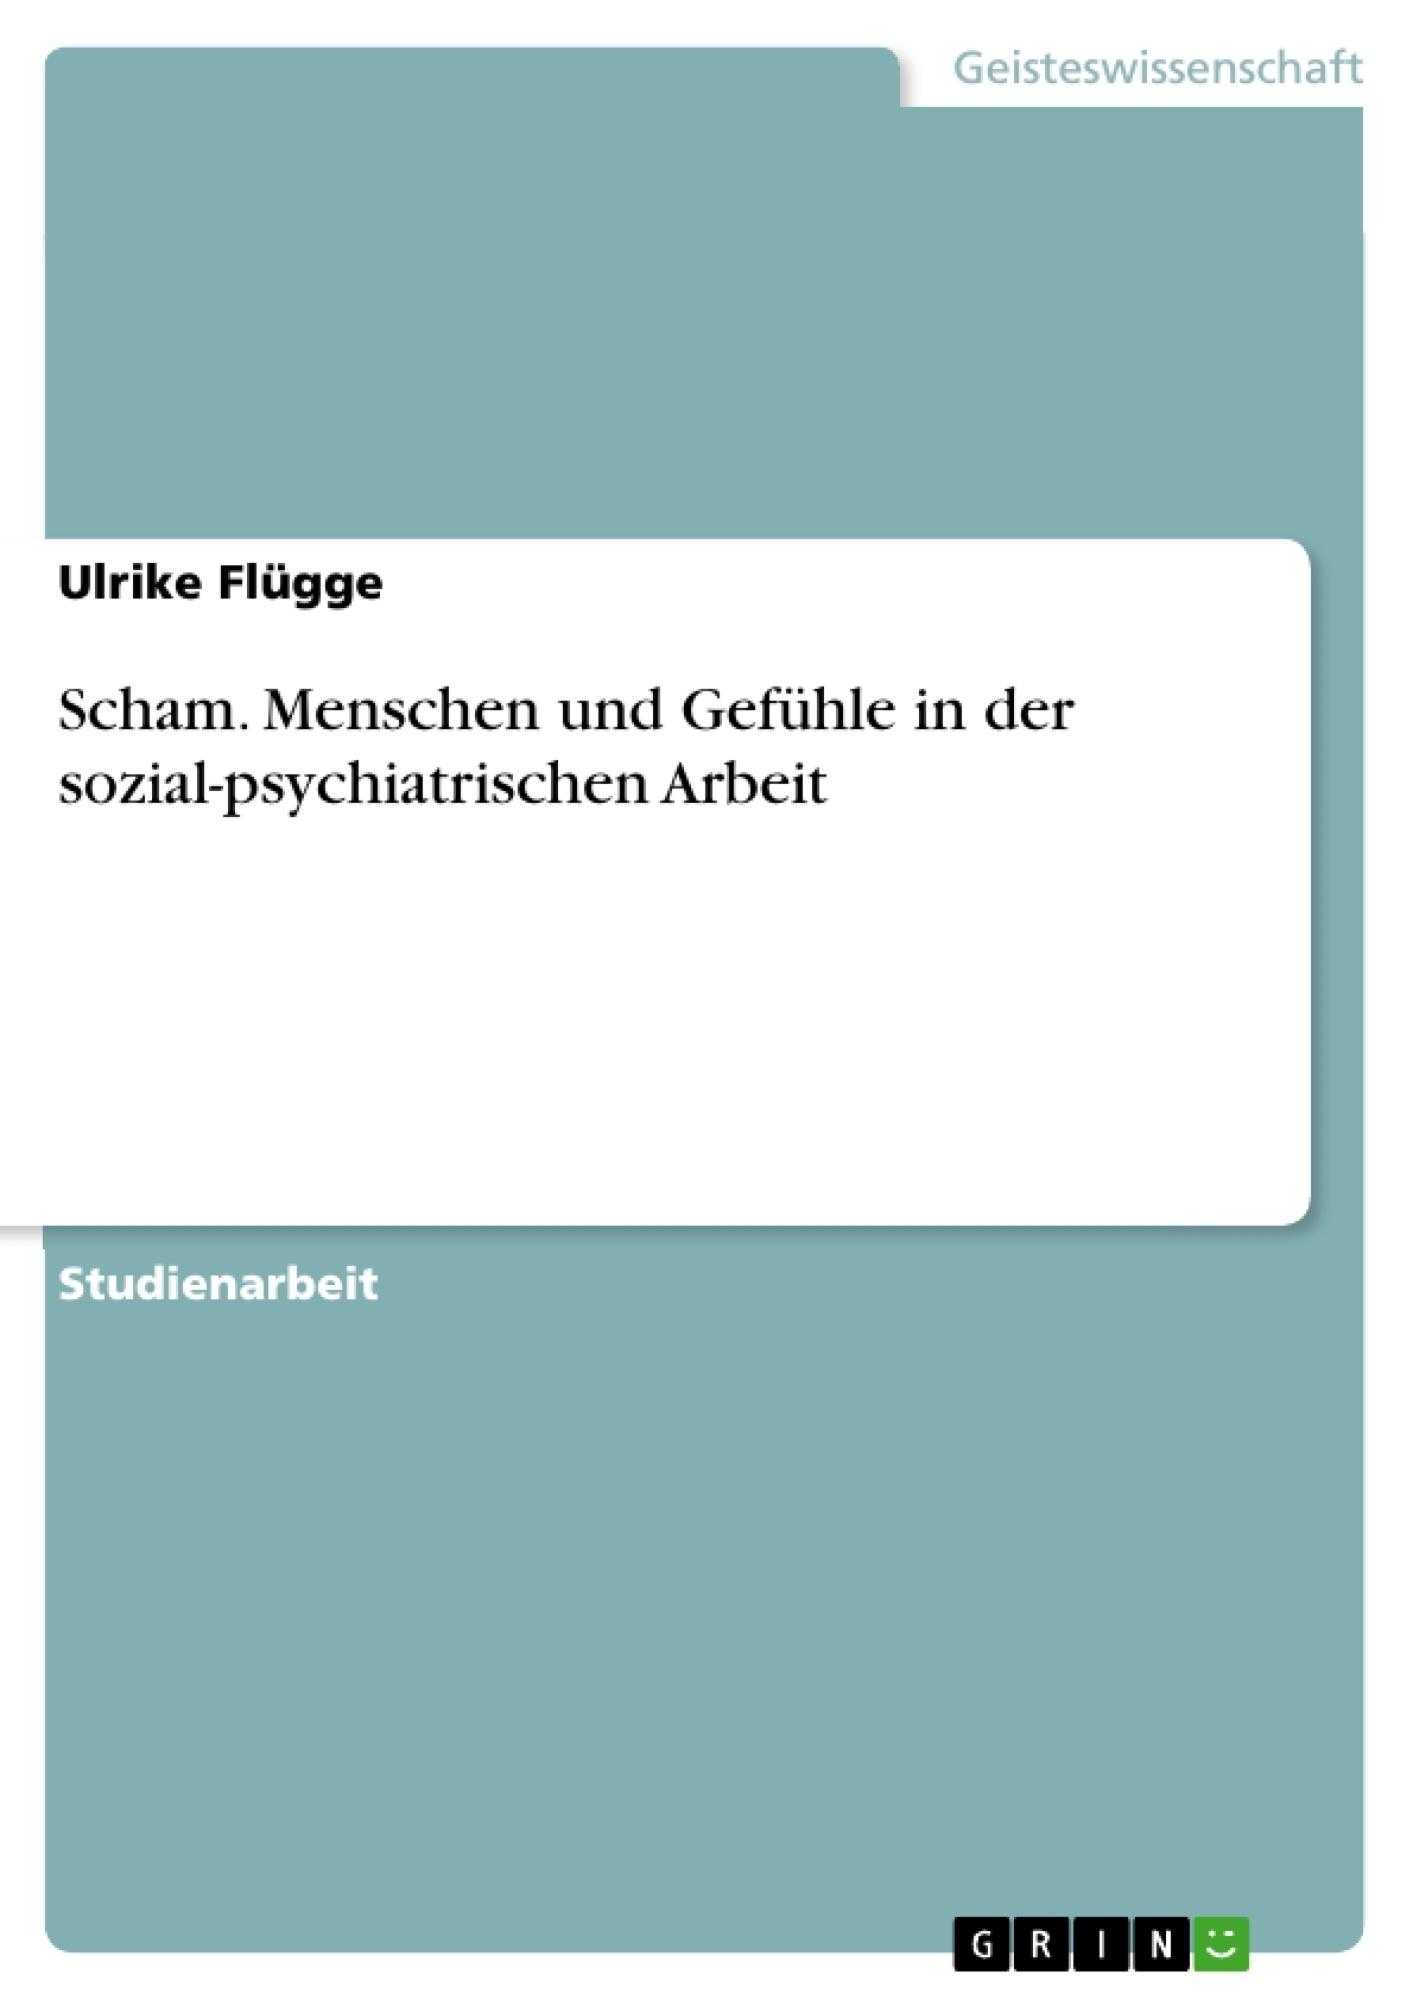 Titel: Scham. Menschen und Gefühle in der sozial-psychiatrischen Arbeit